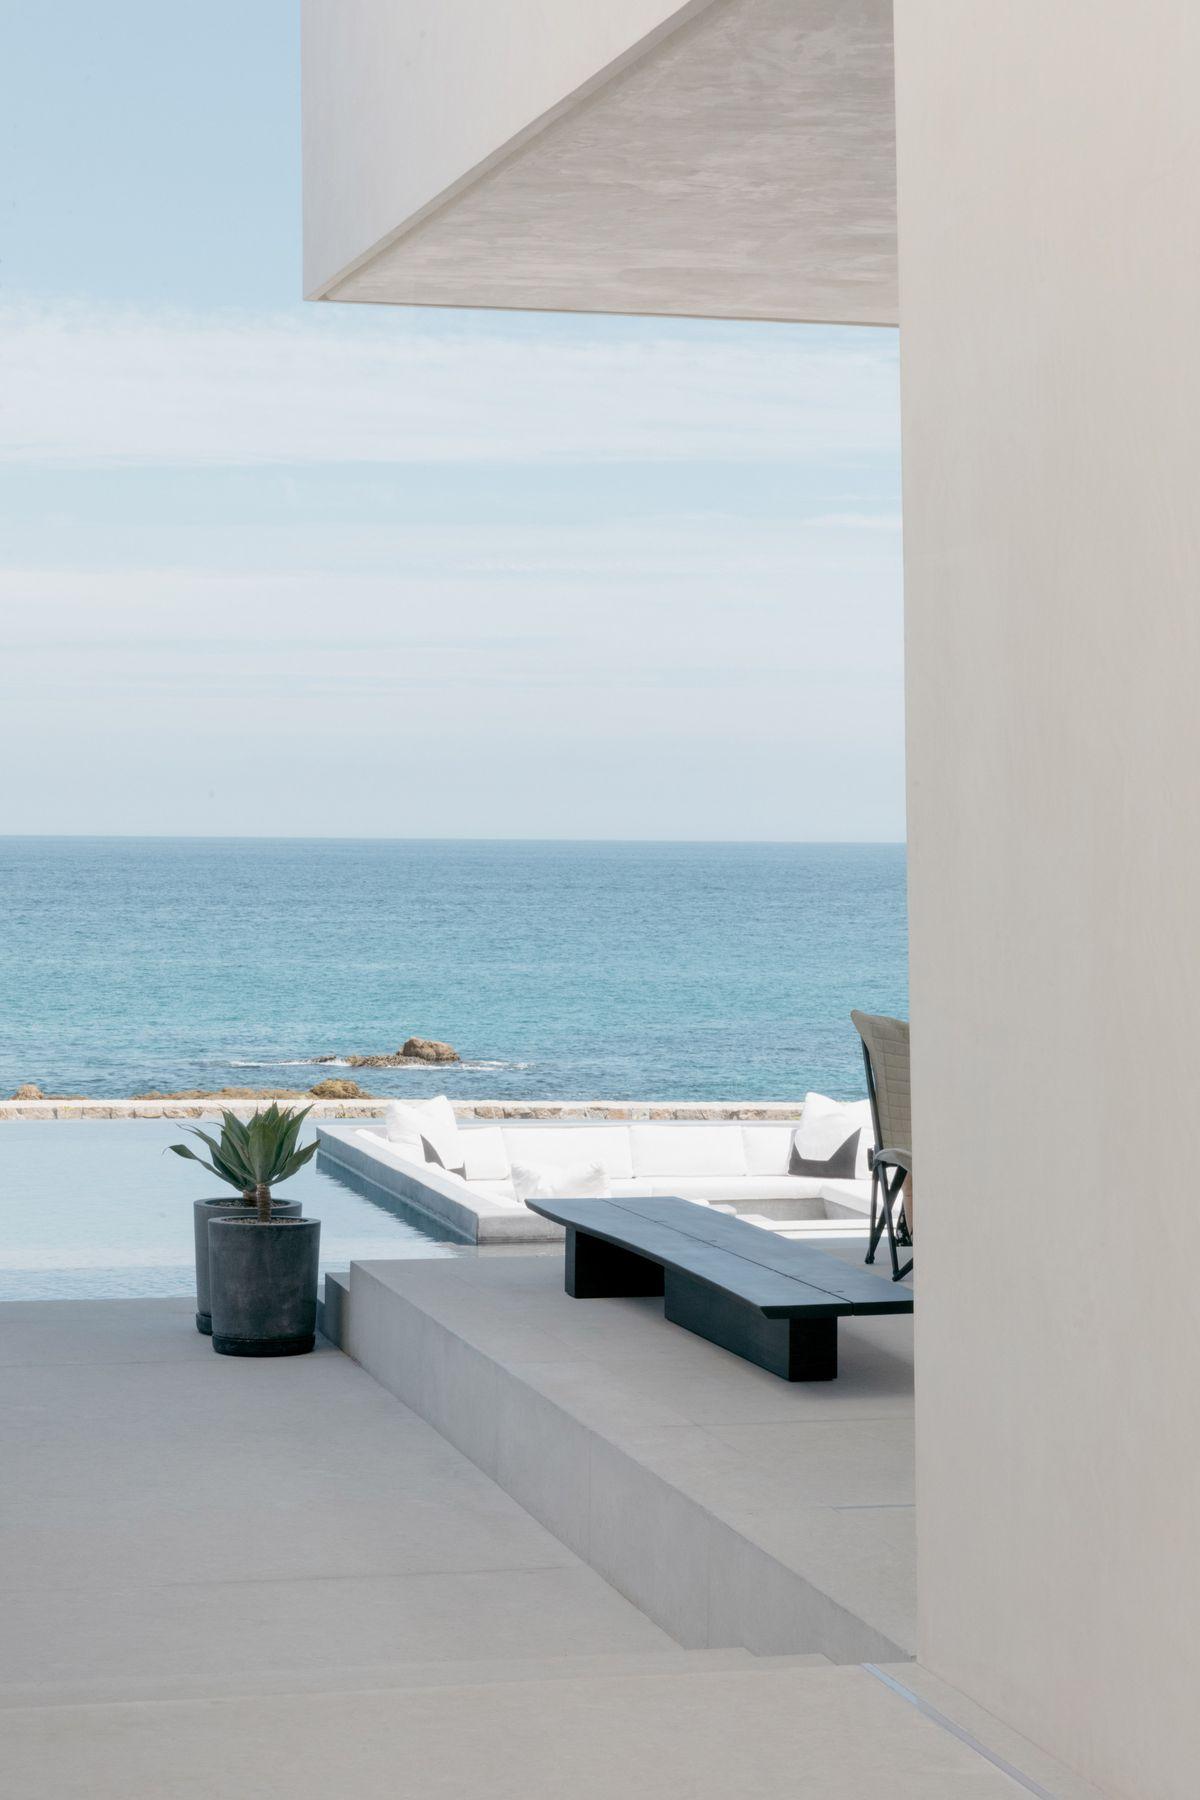 An outdoor terrace has ocean views.